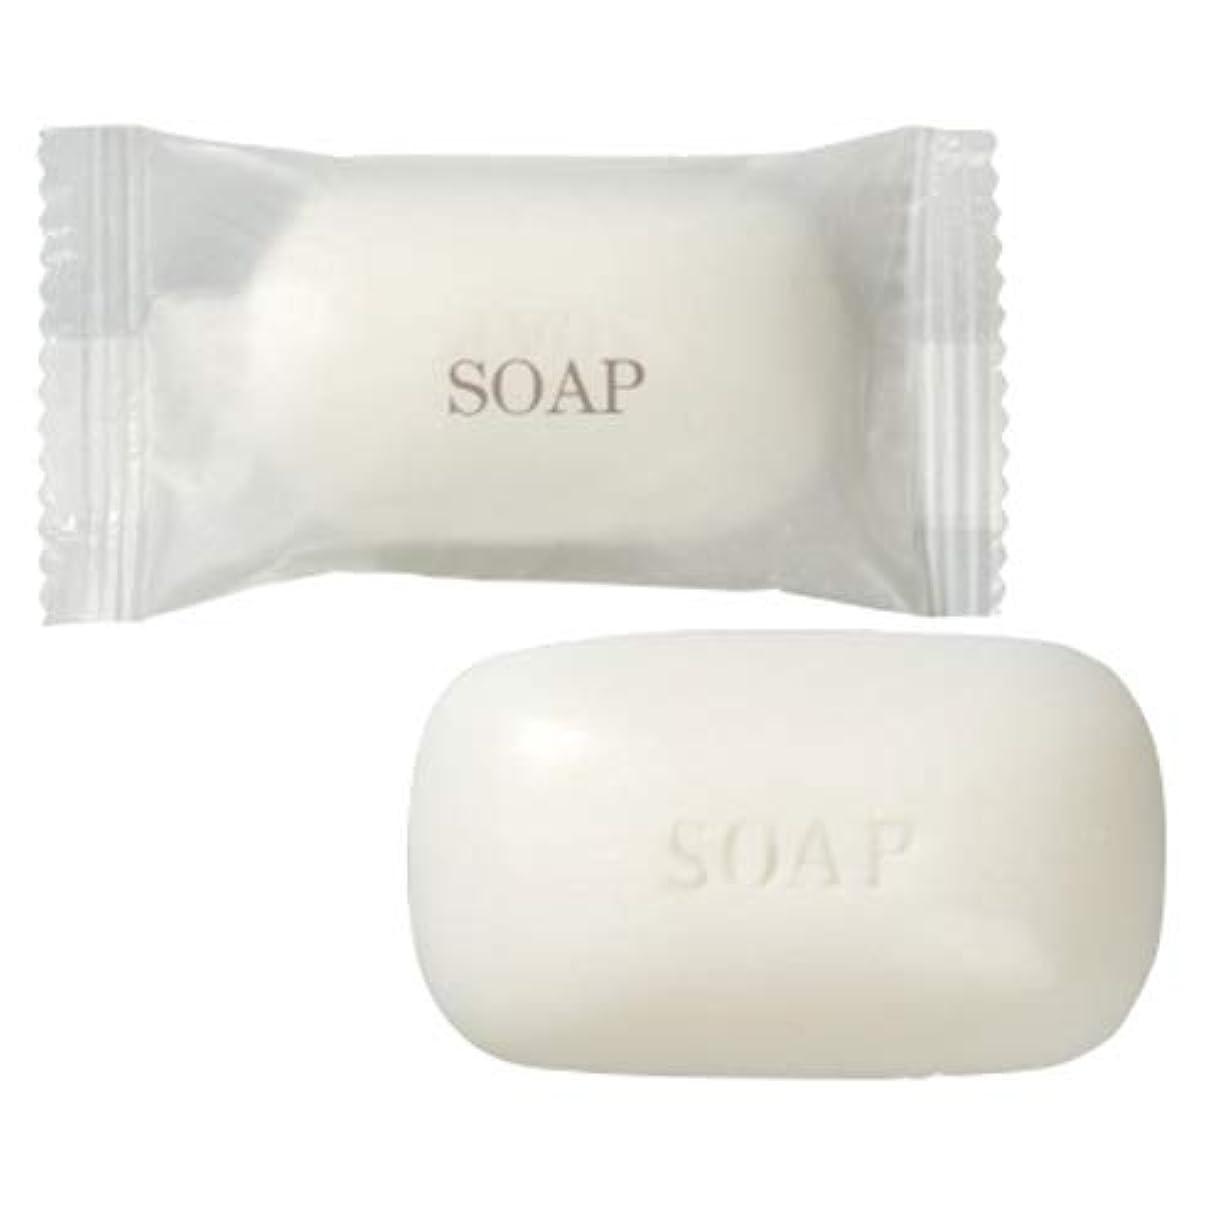 安息子供時代モーテル業務用 フィードソープ(FEED SOAP) マット袋(M袋) 15g ×3個 | ホテルアメニティ 個包装